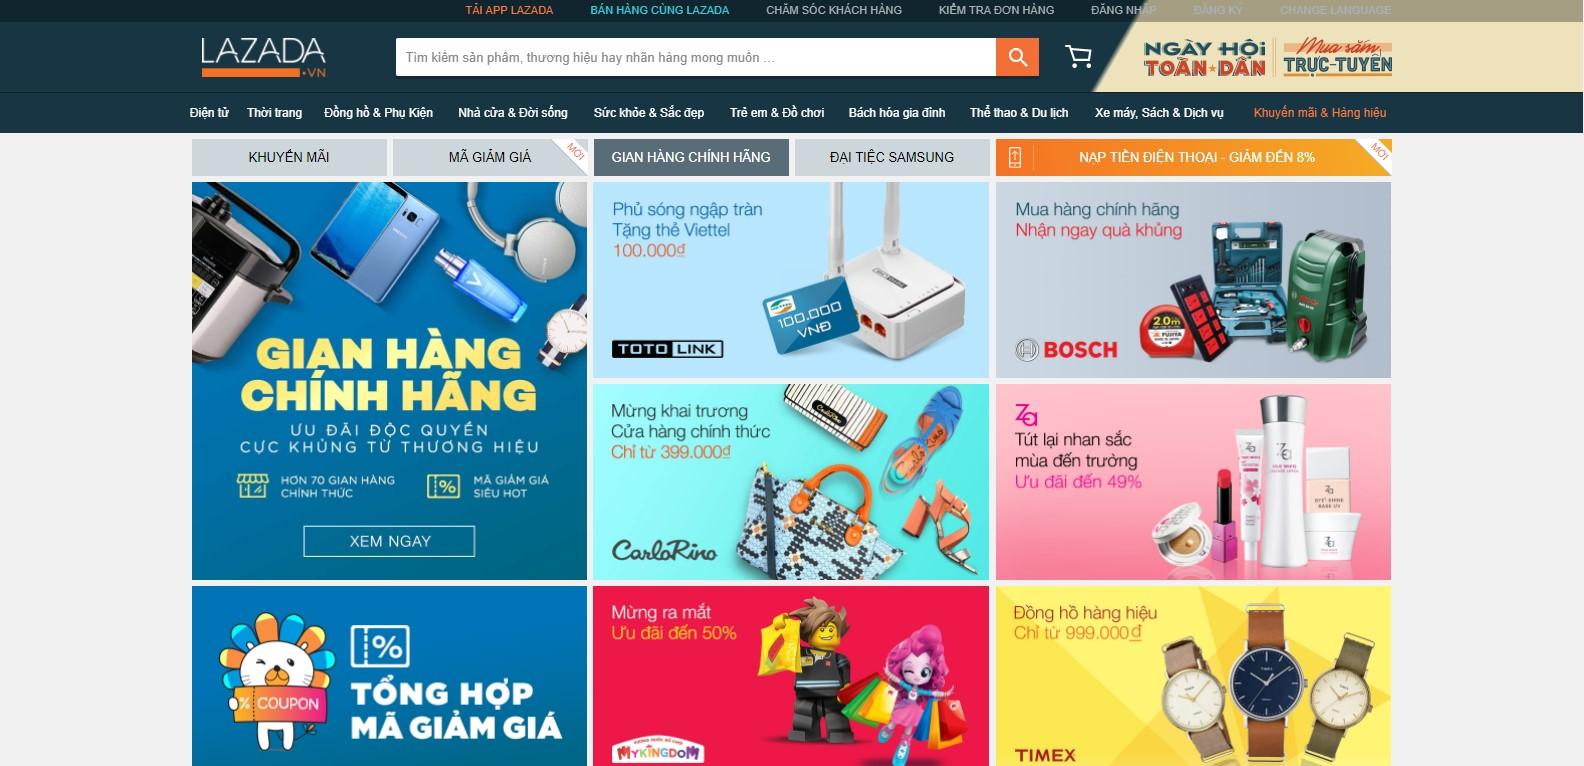 Lazada - Kênh bán hàng online với mặt hàng chất lượng